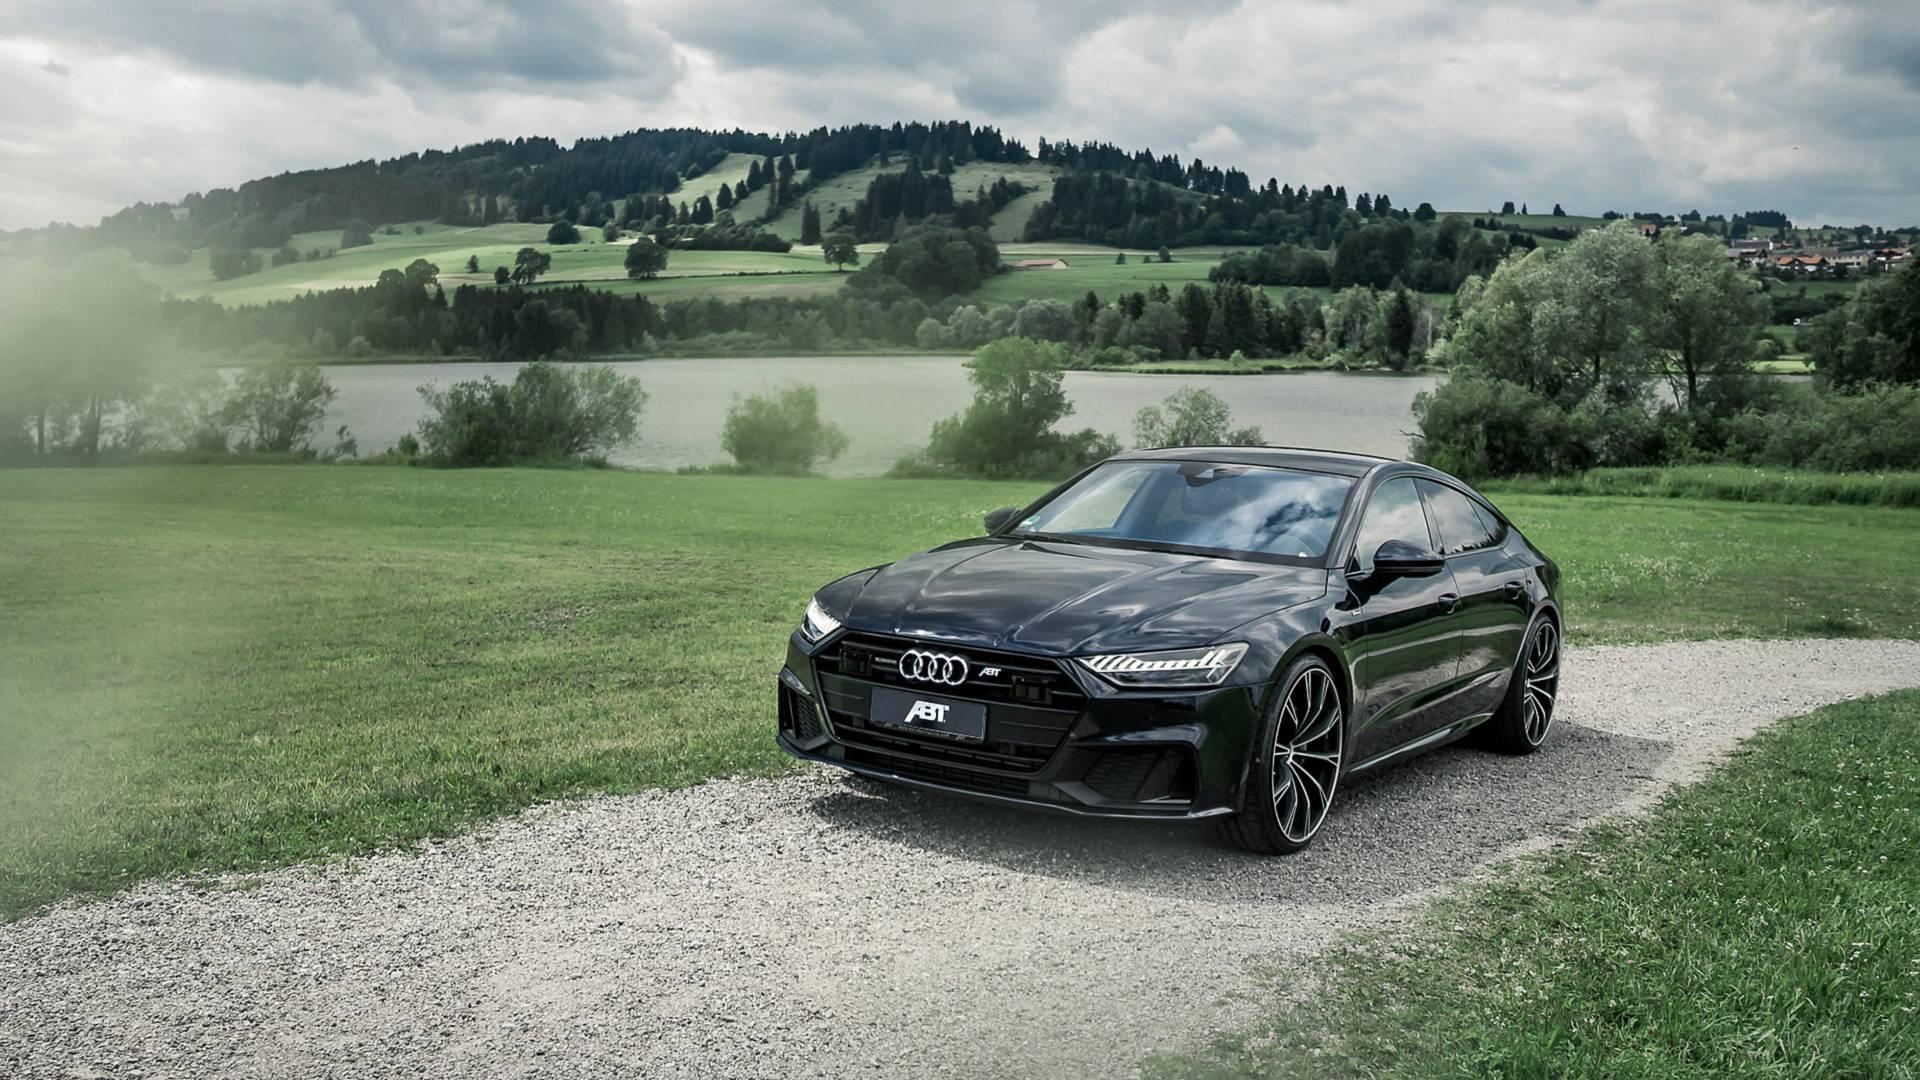 Awesome Audi A7 Sportback